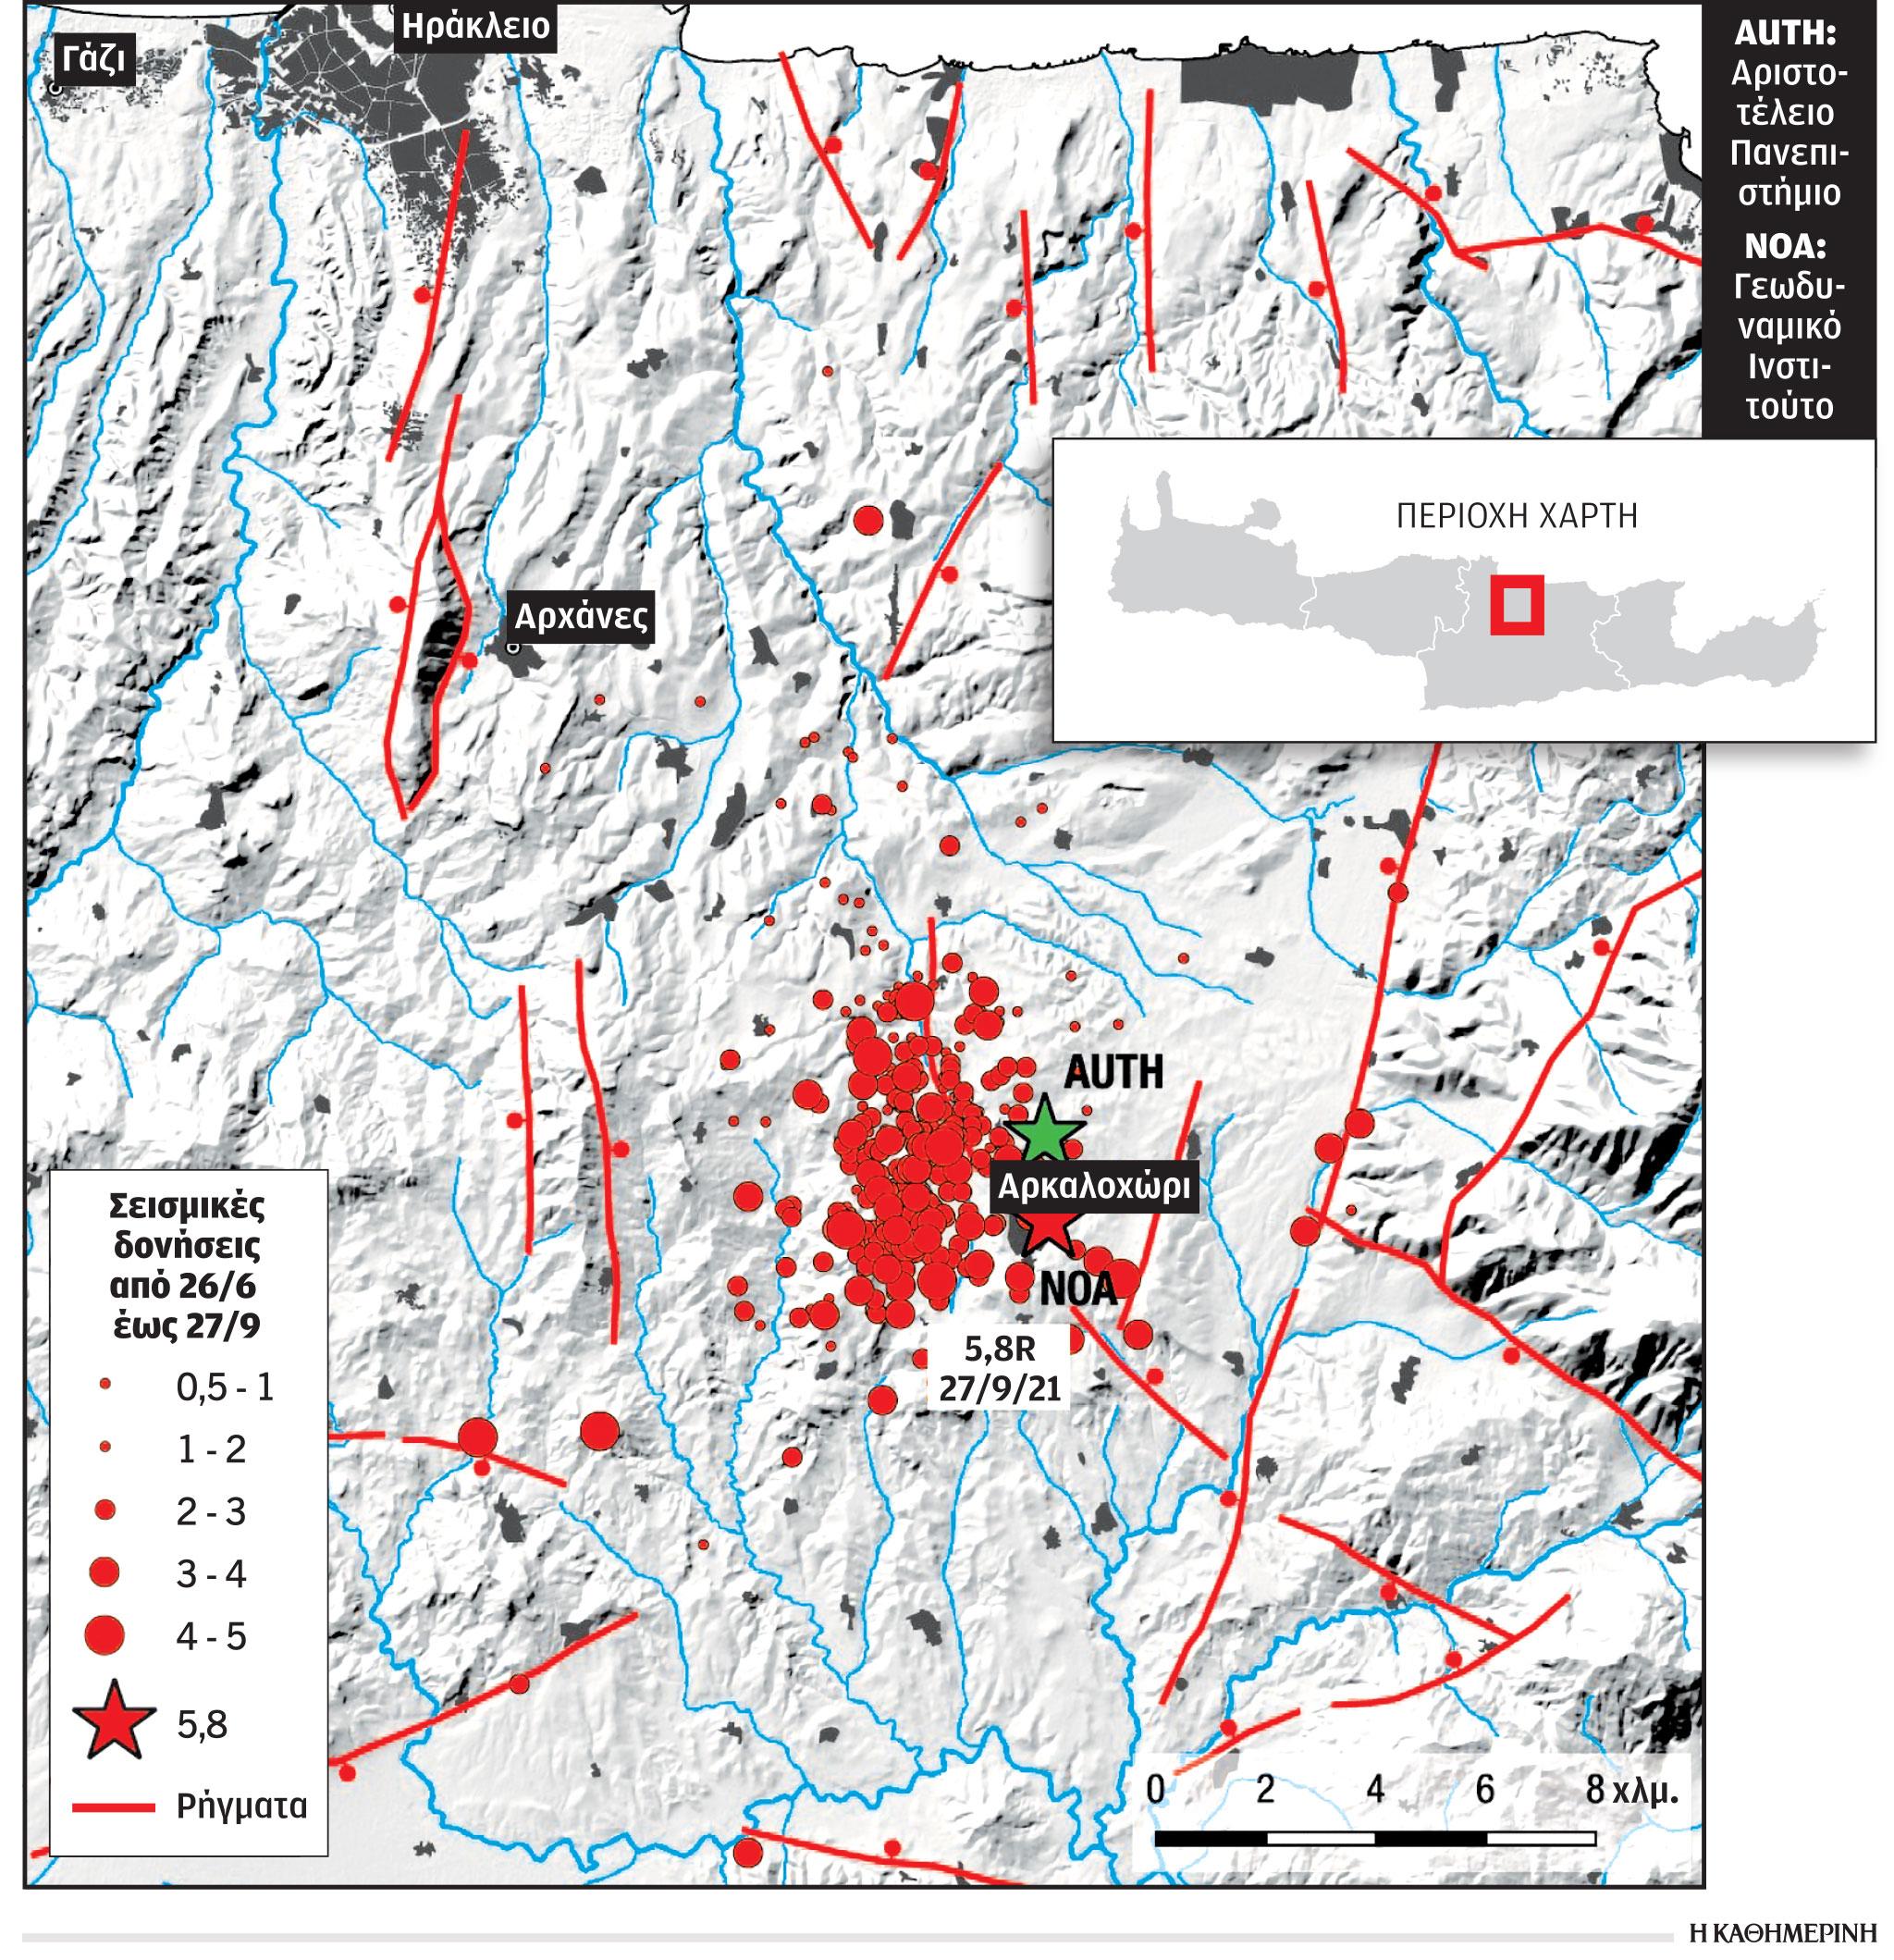 giati-aifnidiase-o-seismos-stin-kriti-megales-katastrofes-eikones-apo-drone2